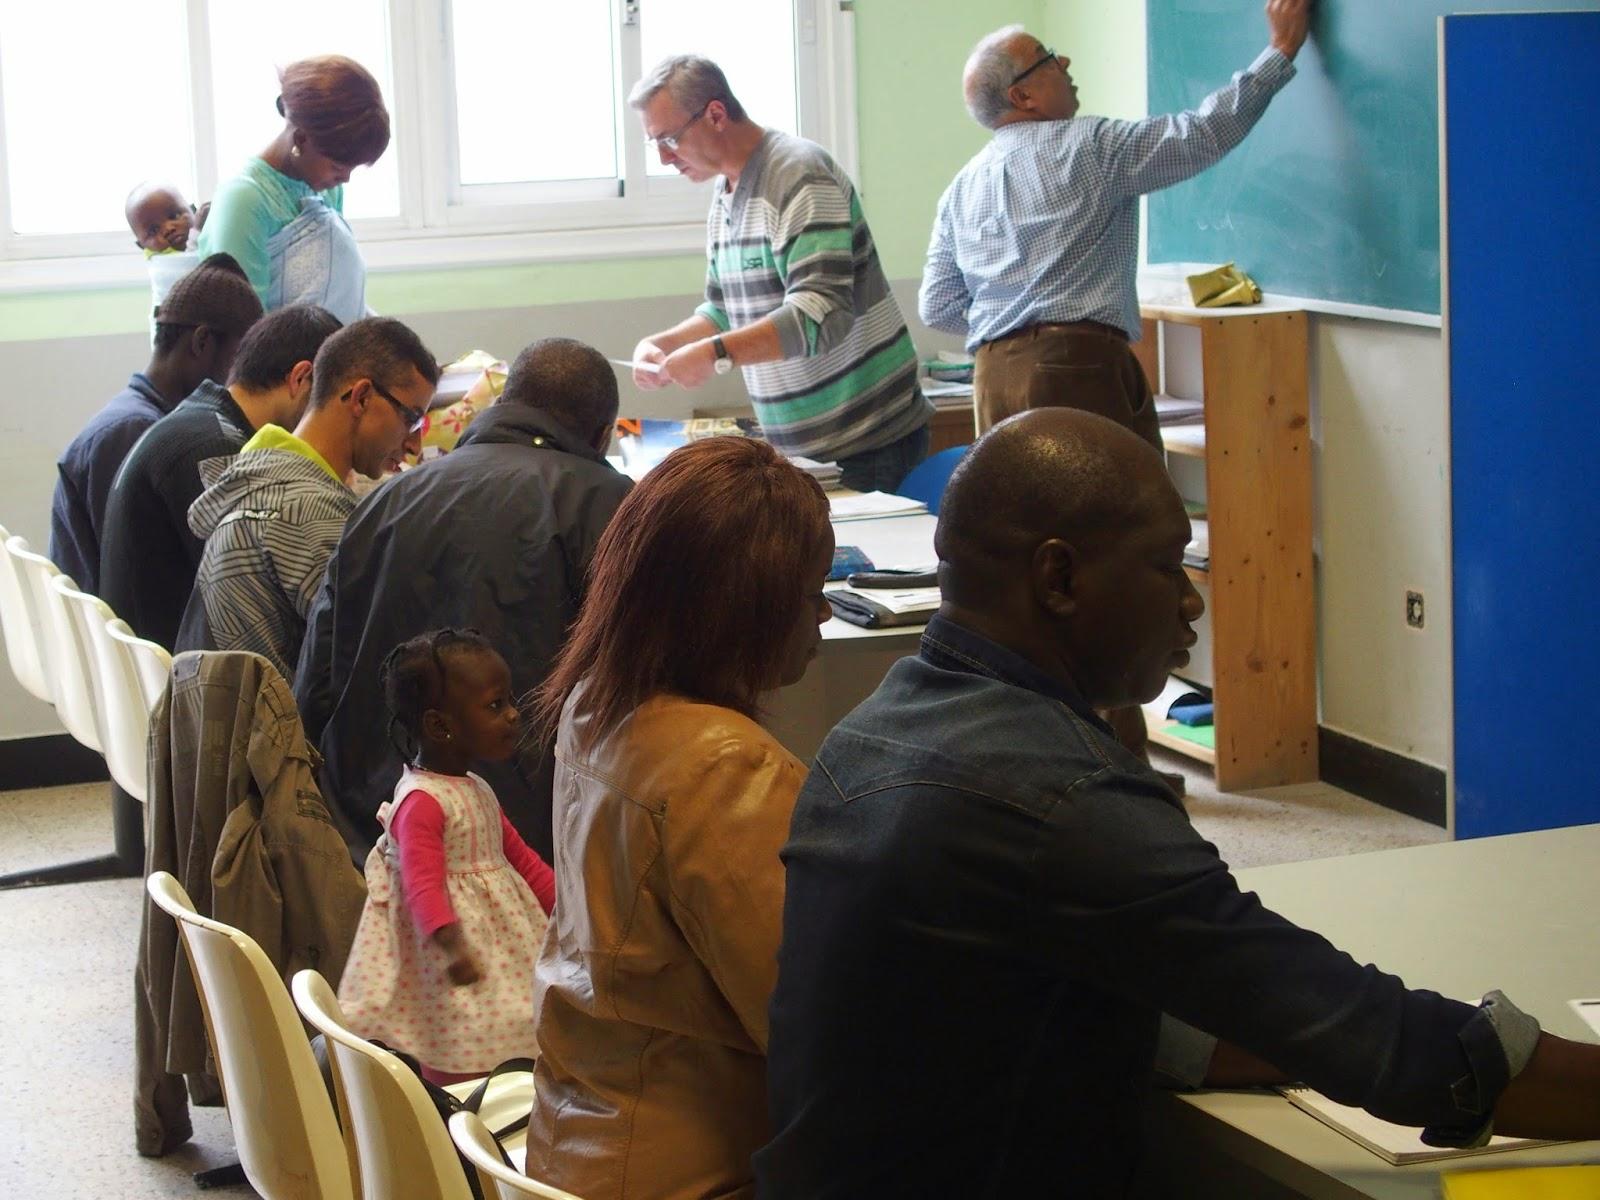 clases de español para inmigrantes en Ecos do Sur